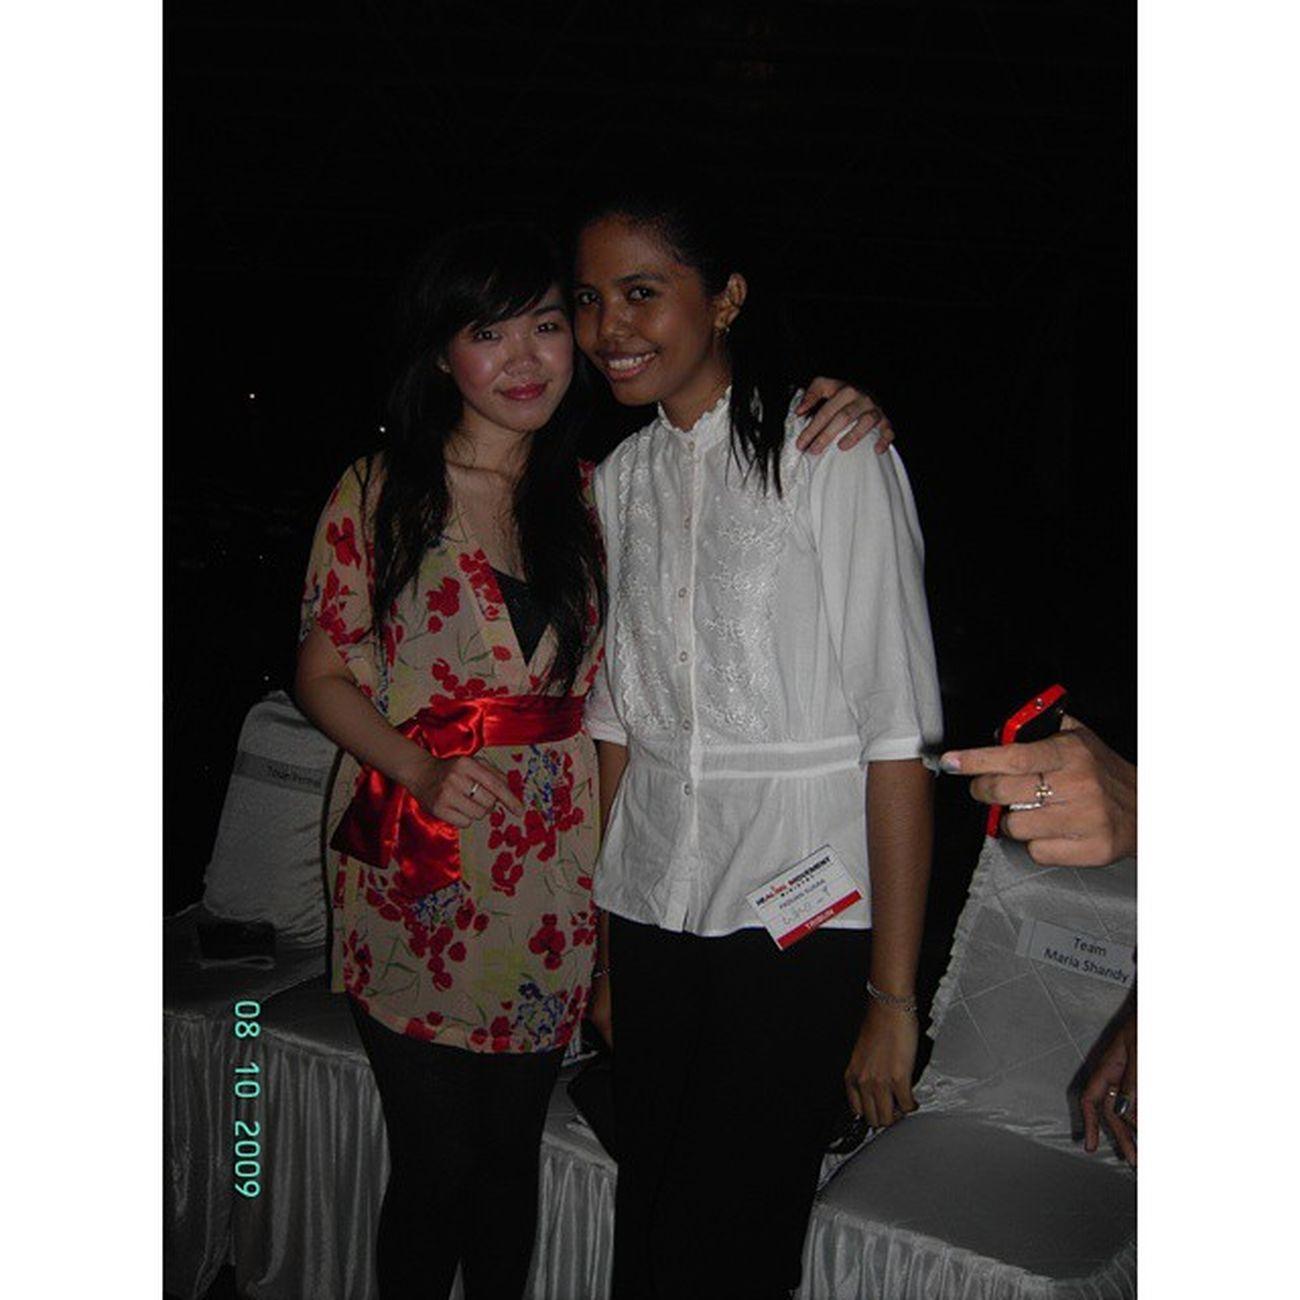 Latergram Gospel Singers Healingmovement Ministry Karebosi Makassar 2009 Baru nyadar pernah pelayanan bareng @mariashandi...🎼😇